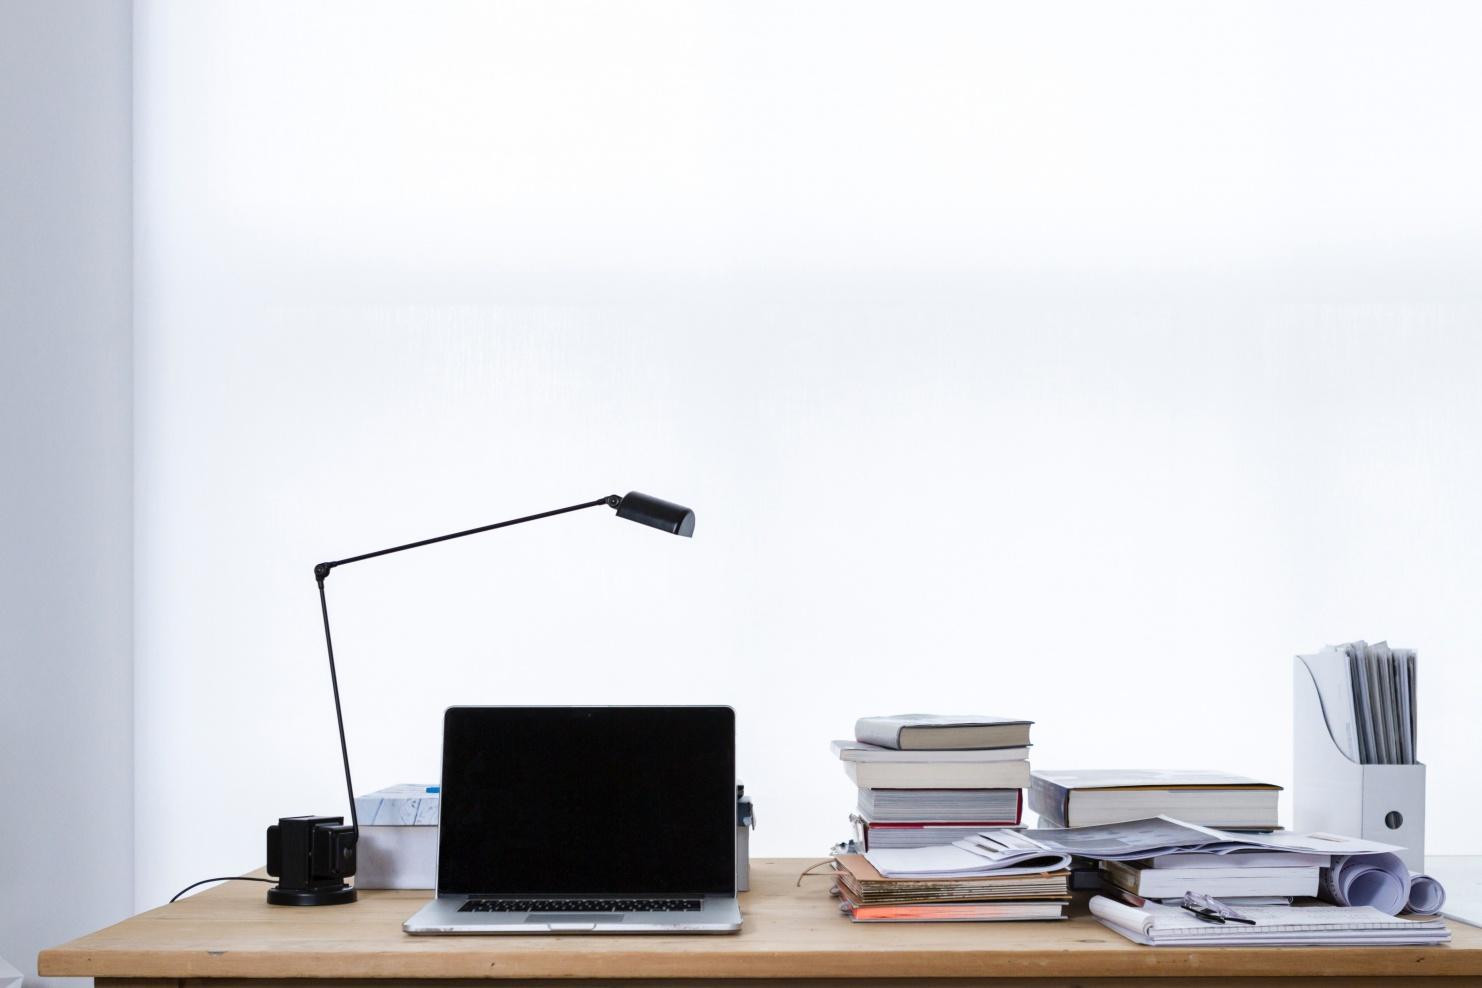 Schreibtisch mit Computer und Büchern © Photo by freddie marriage on Unsplash